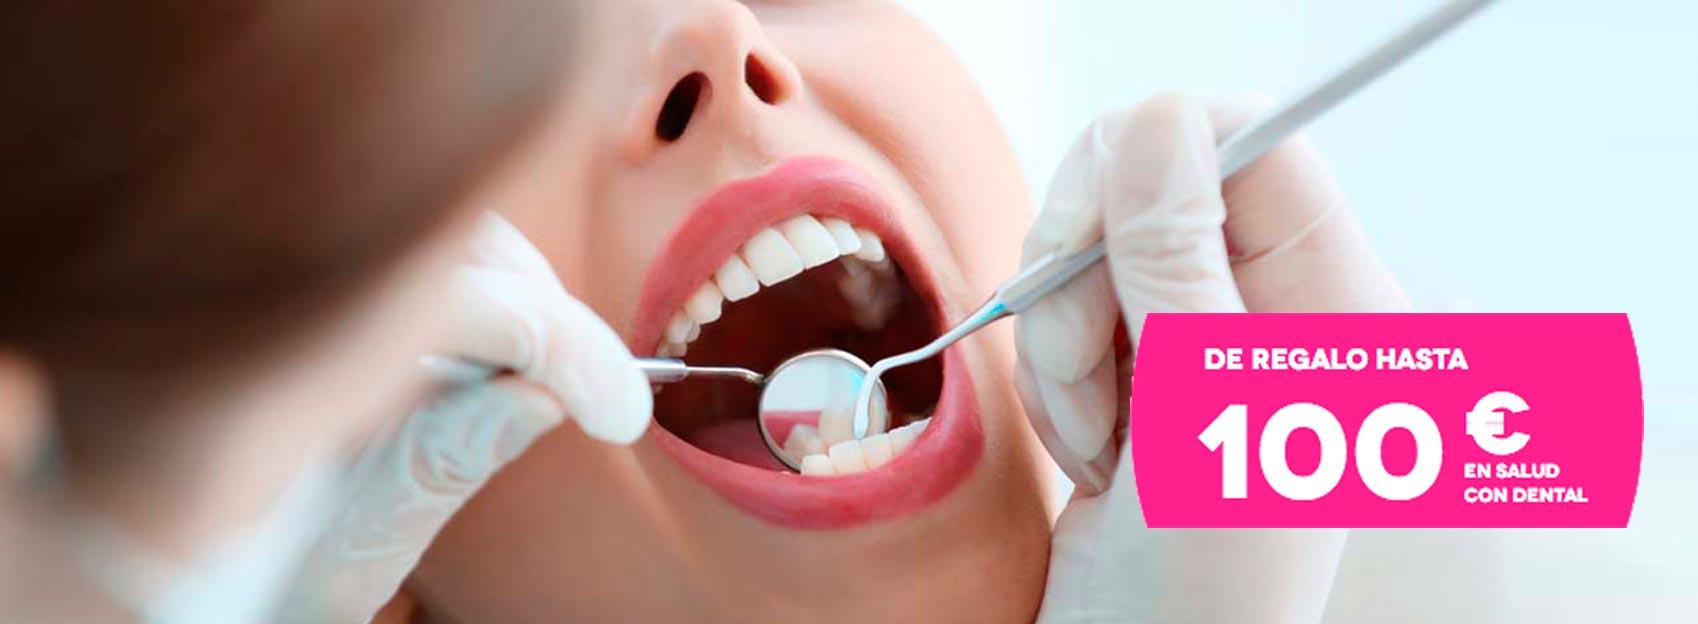 seguro-dental-oferta-adeslas